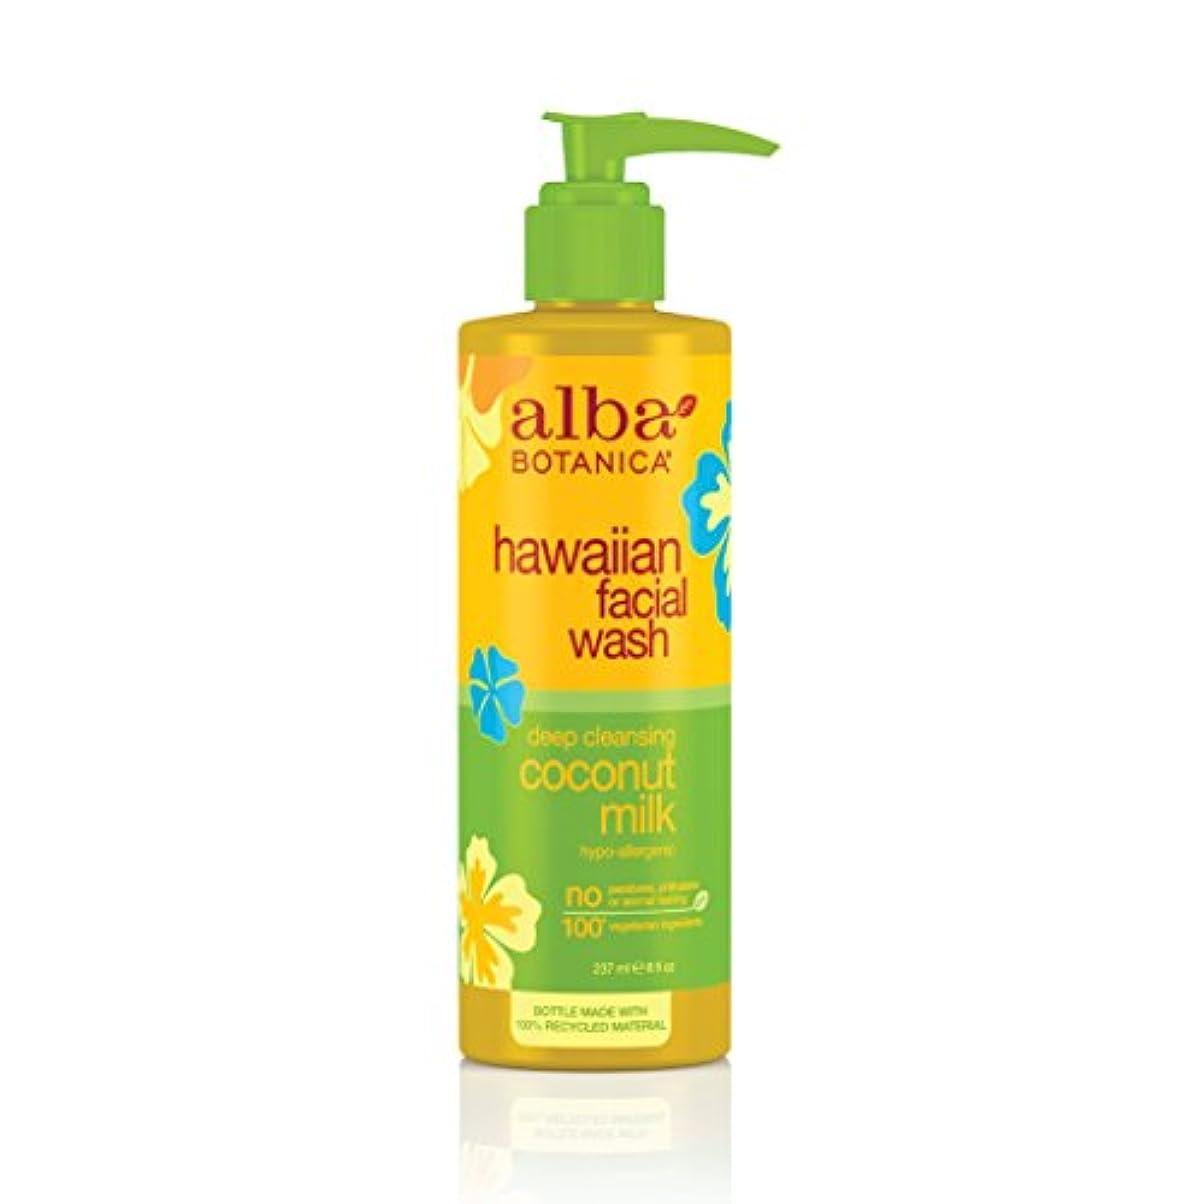 トイレベジタリアン怒るAlba Botanica Coconut Milk Facial Wash 235 ml (並行輸入品)